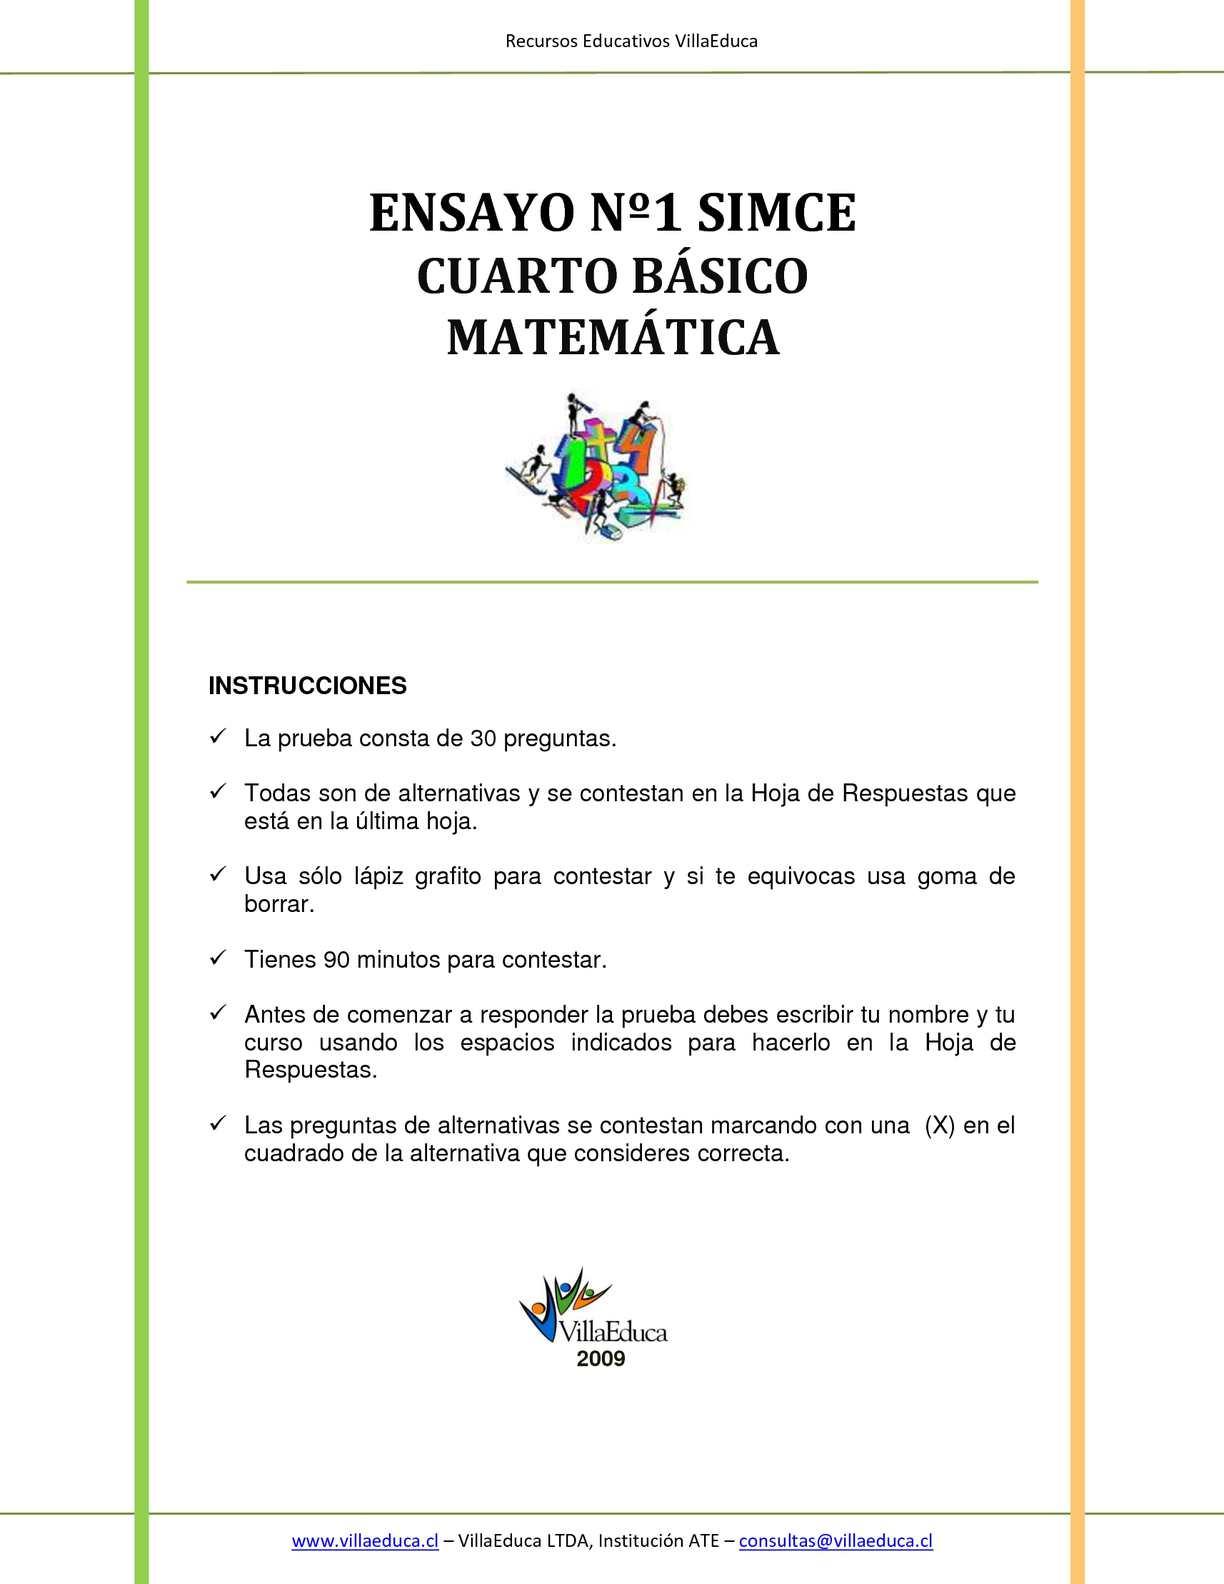 Calaméo - ENSAYO Nº1 SIMCE CUARTO BÁSICO MATEMÁTICA